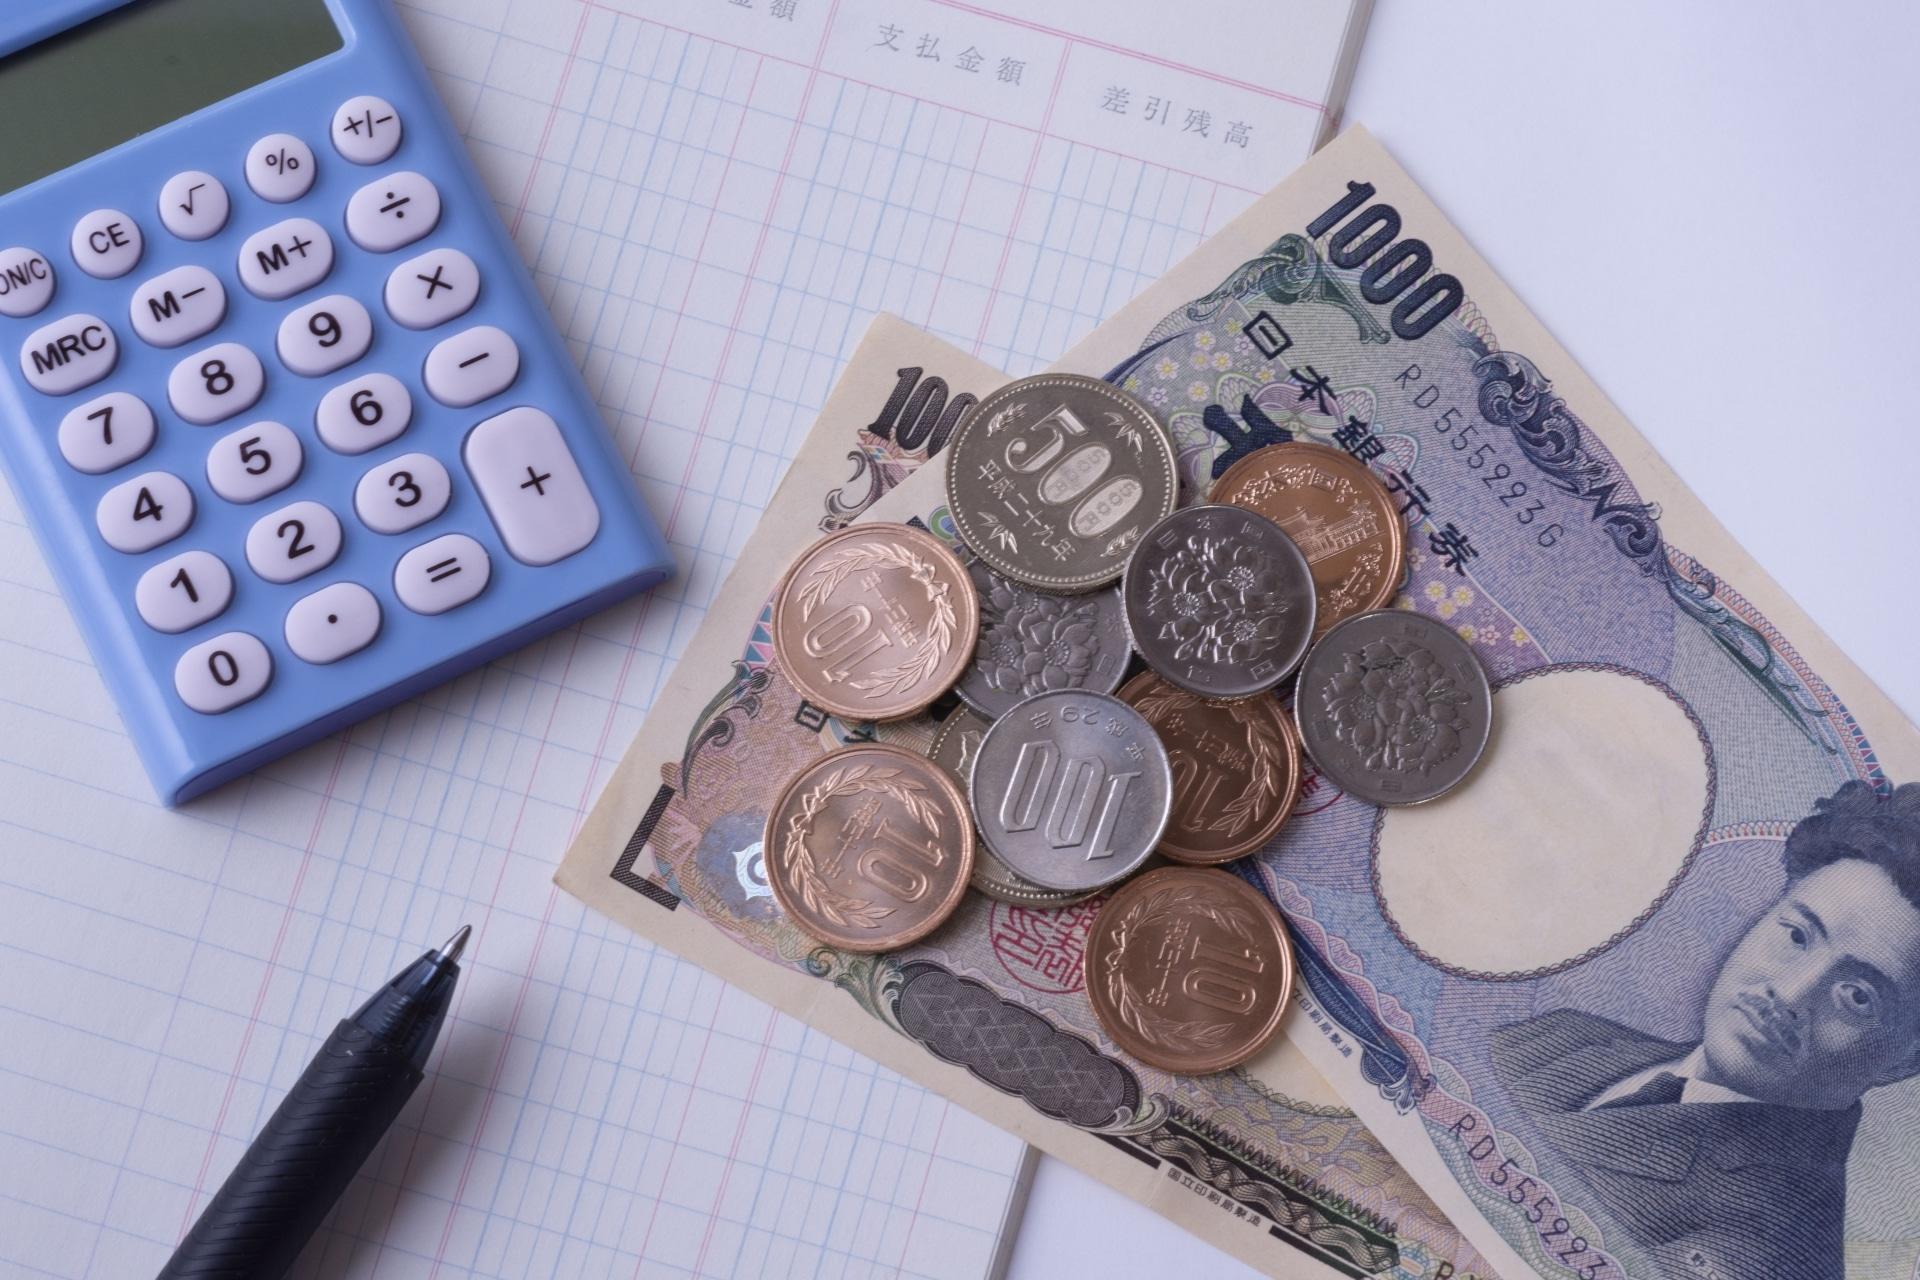 お金、計算機